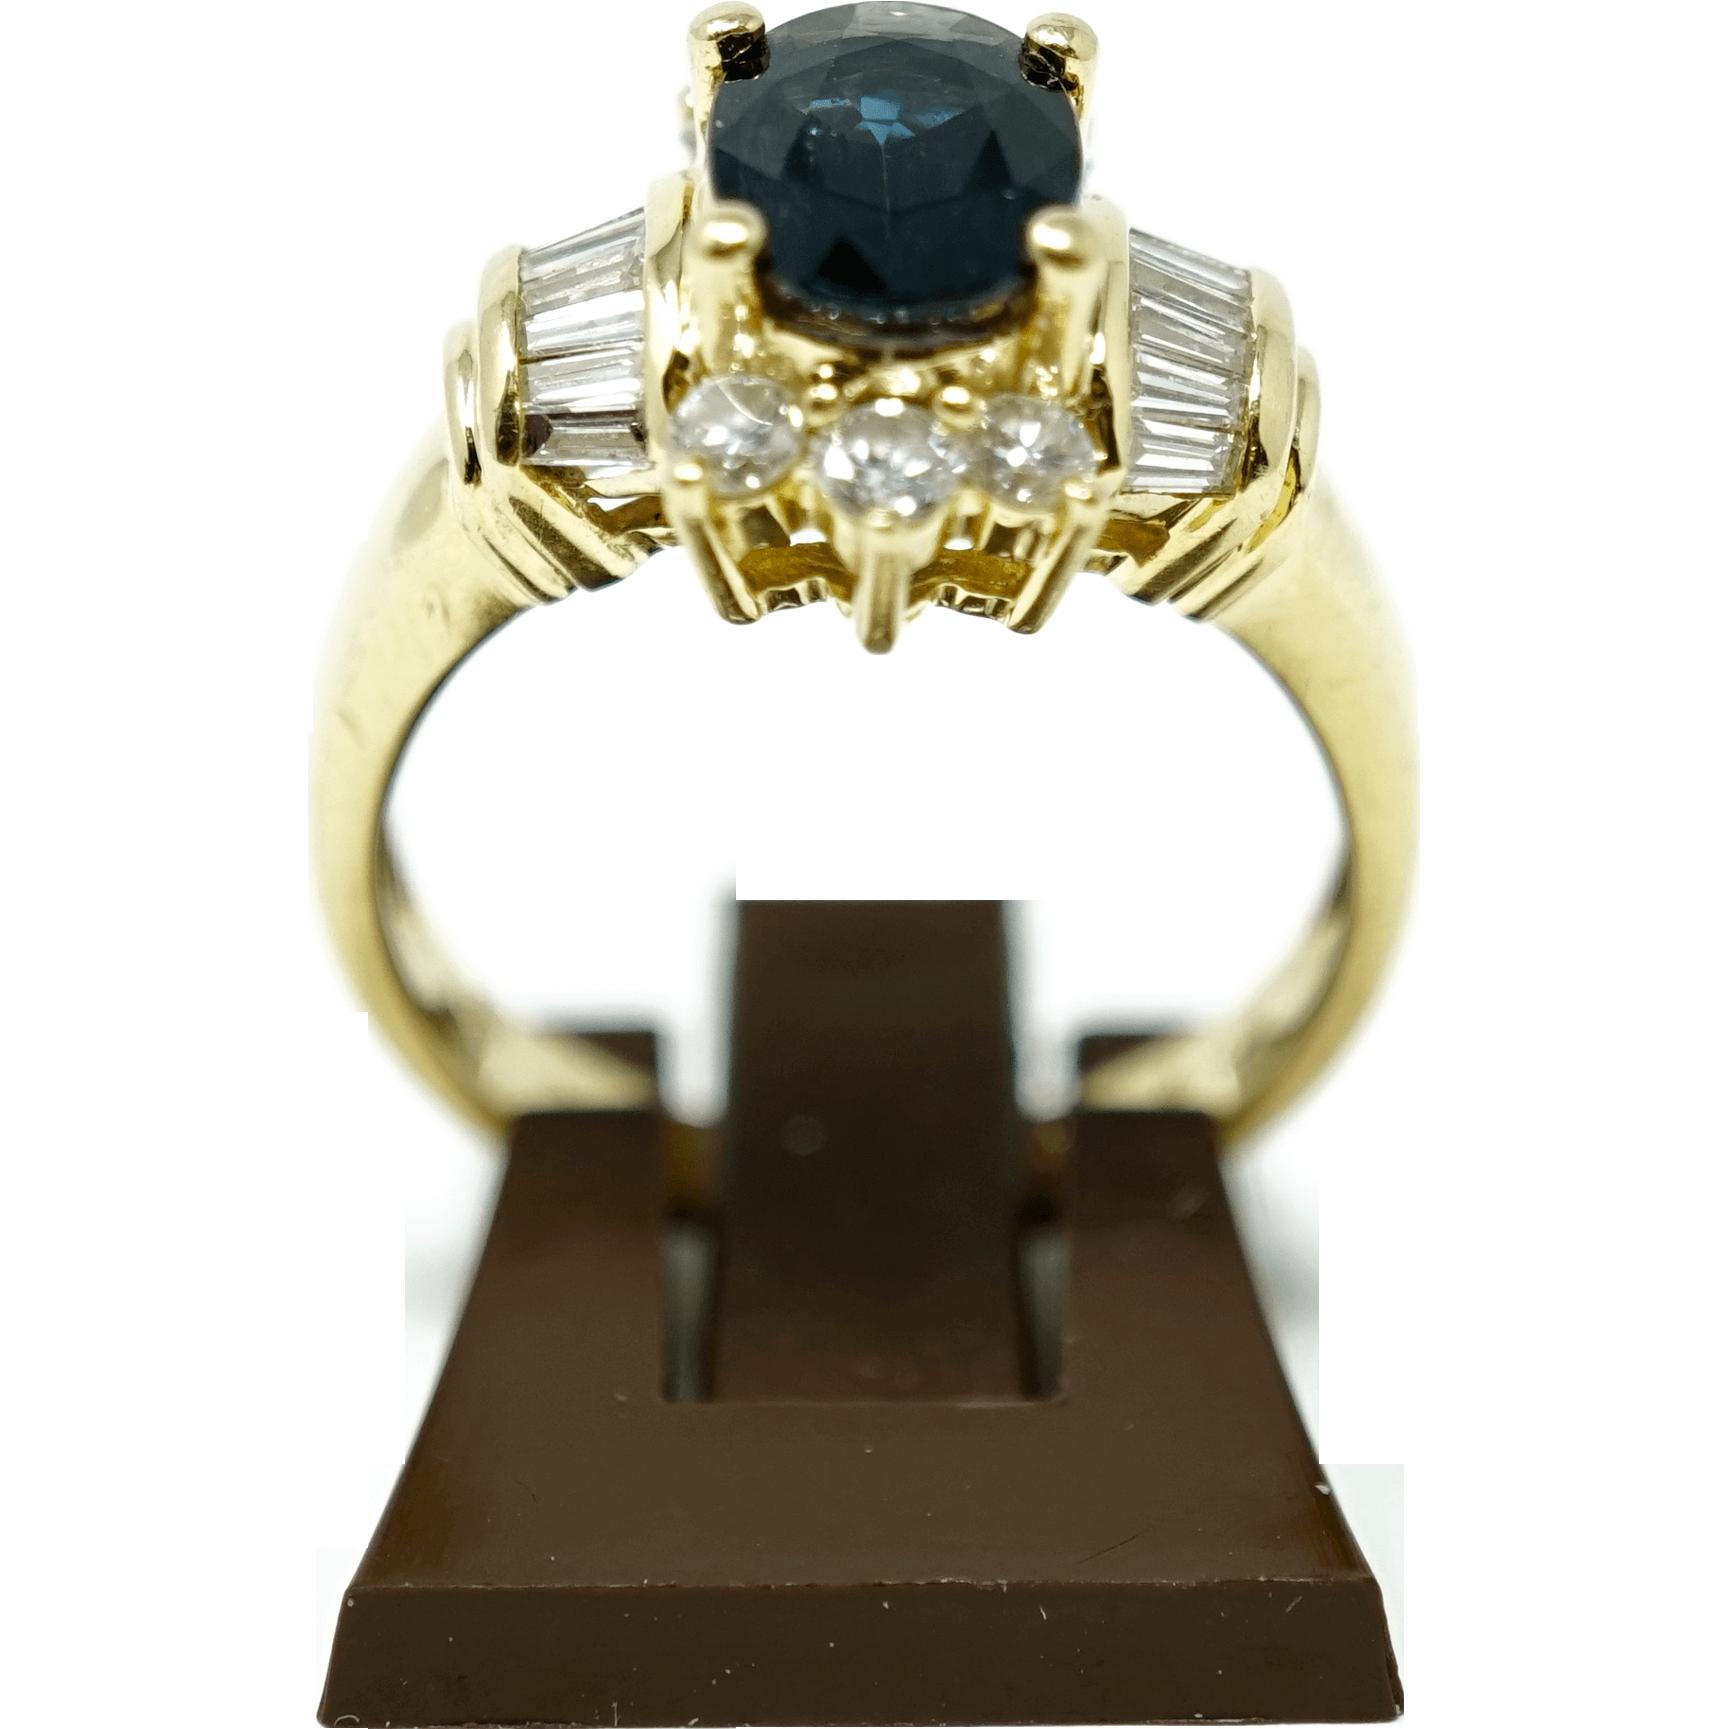 Solid yellow gold 18 karat ladies ring